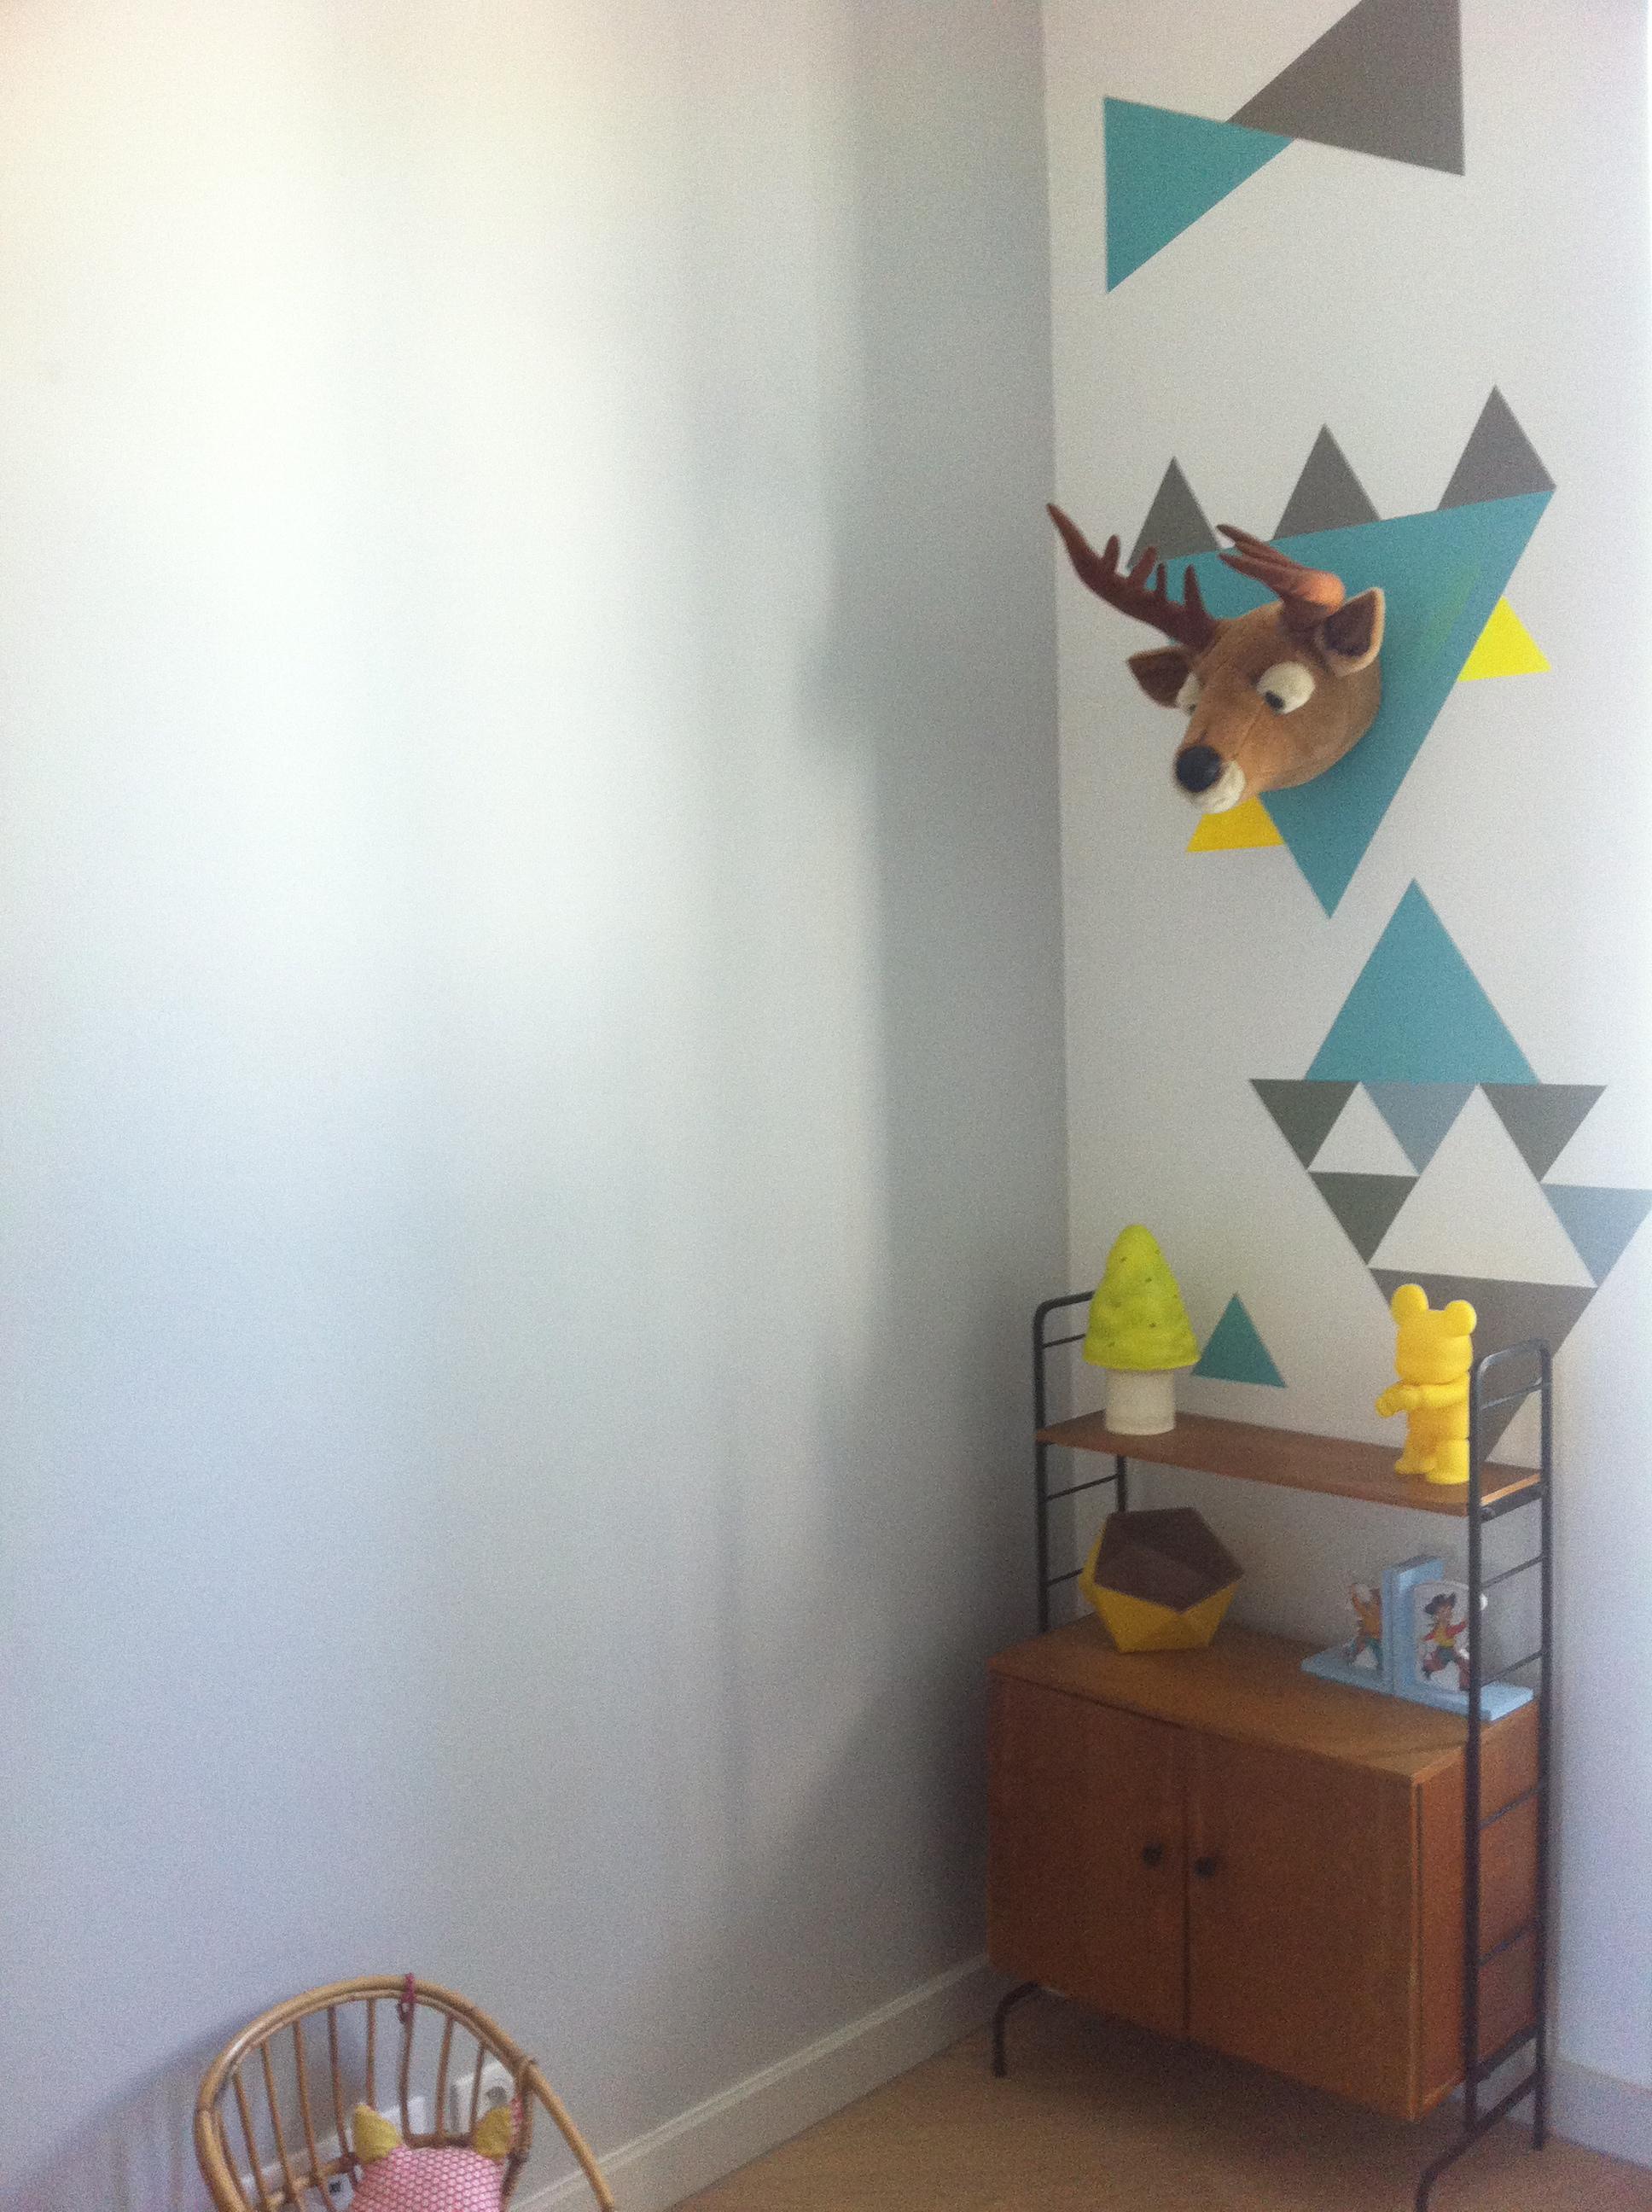 Tuto peindre un mur photos de conception de maison for Peindre ligne sur mur